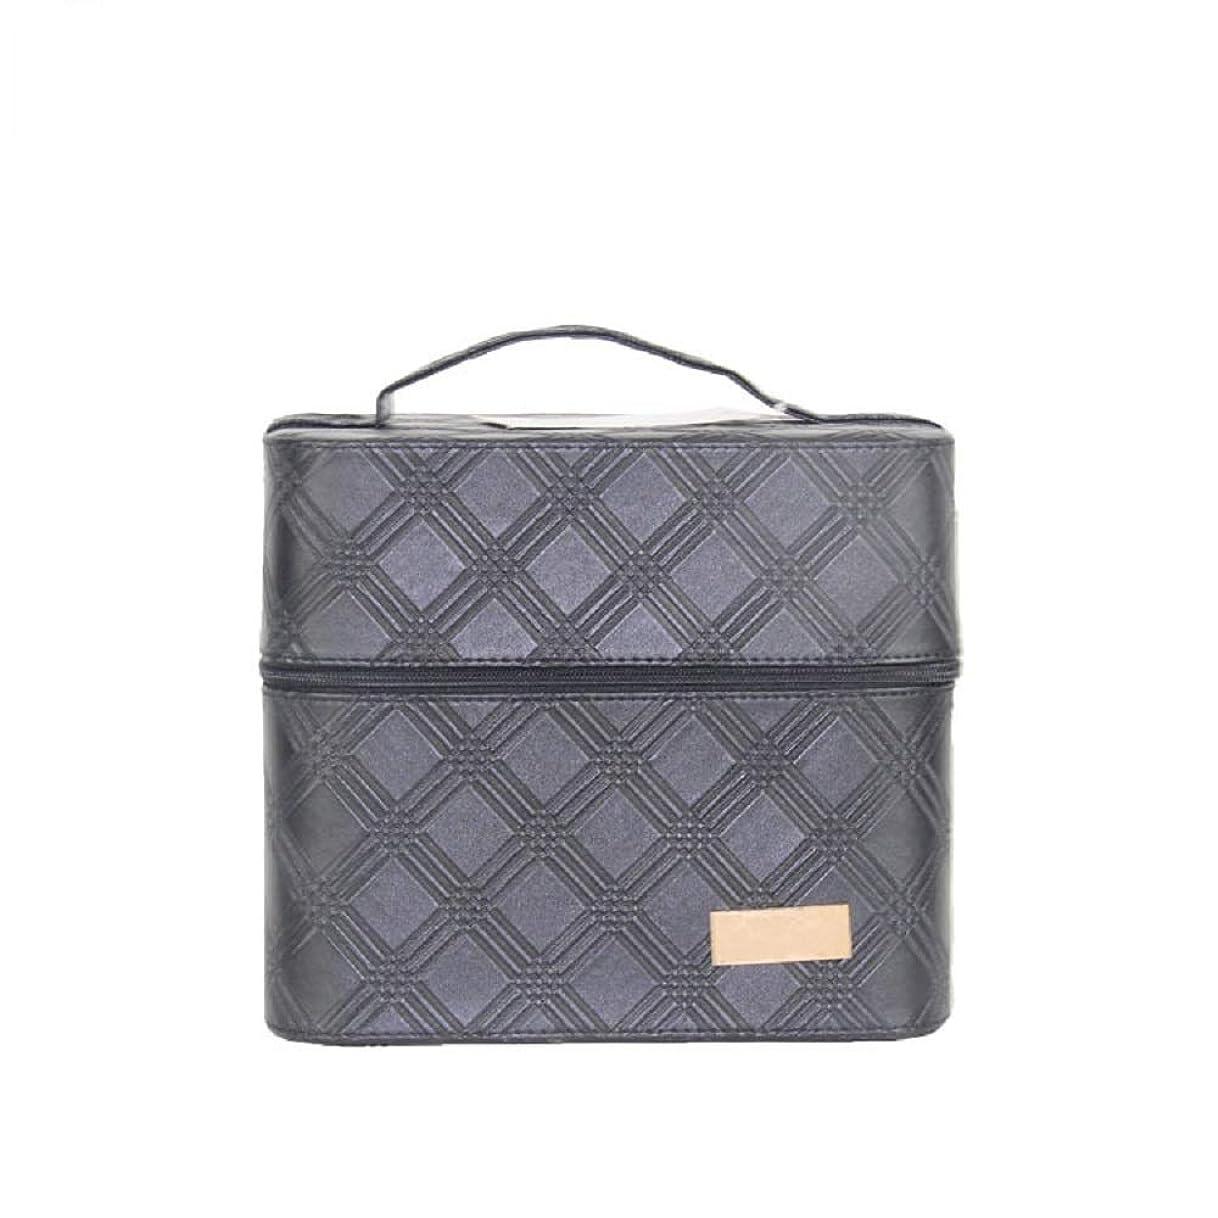 カメラいちゃつくアスペクト化粧オーガナイザーバッグ ジッパーと2つのトレイで小さなものの種類の旅行のための美容メイクアップのための黒のポータブル化粧品バッグ 化粧品ケース